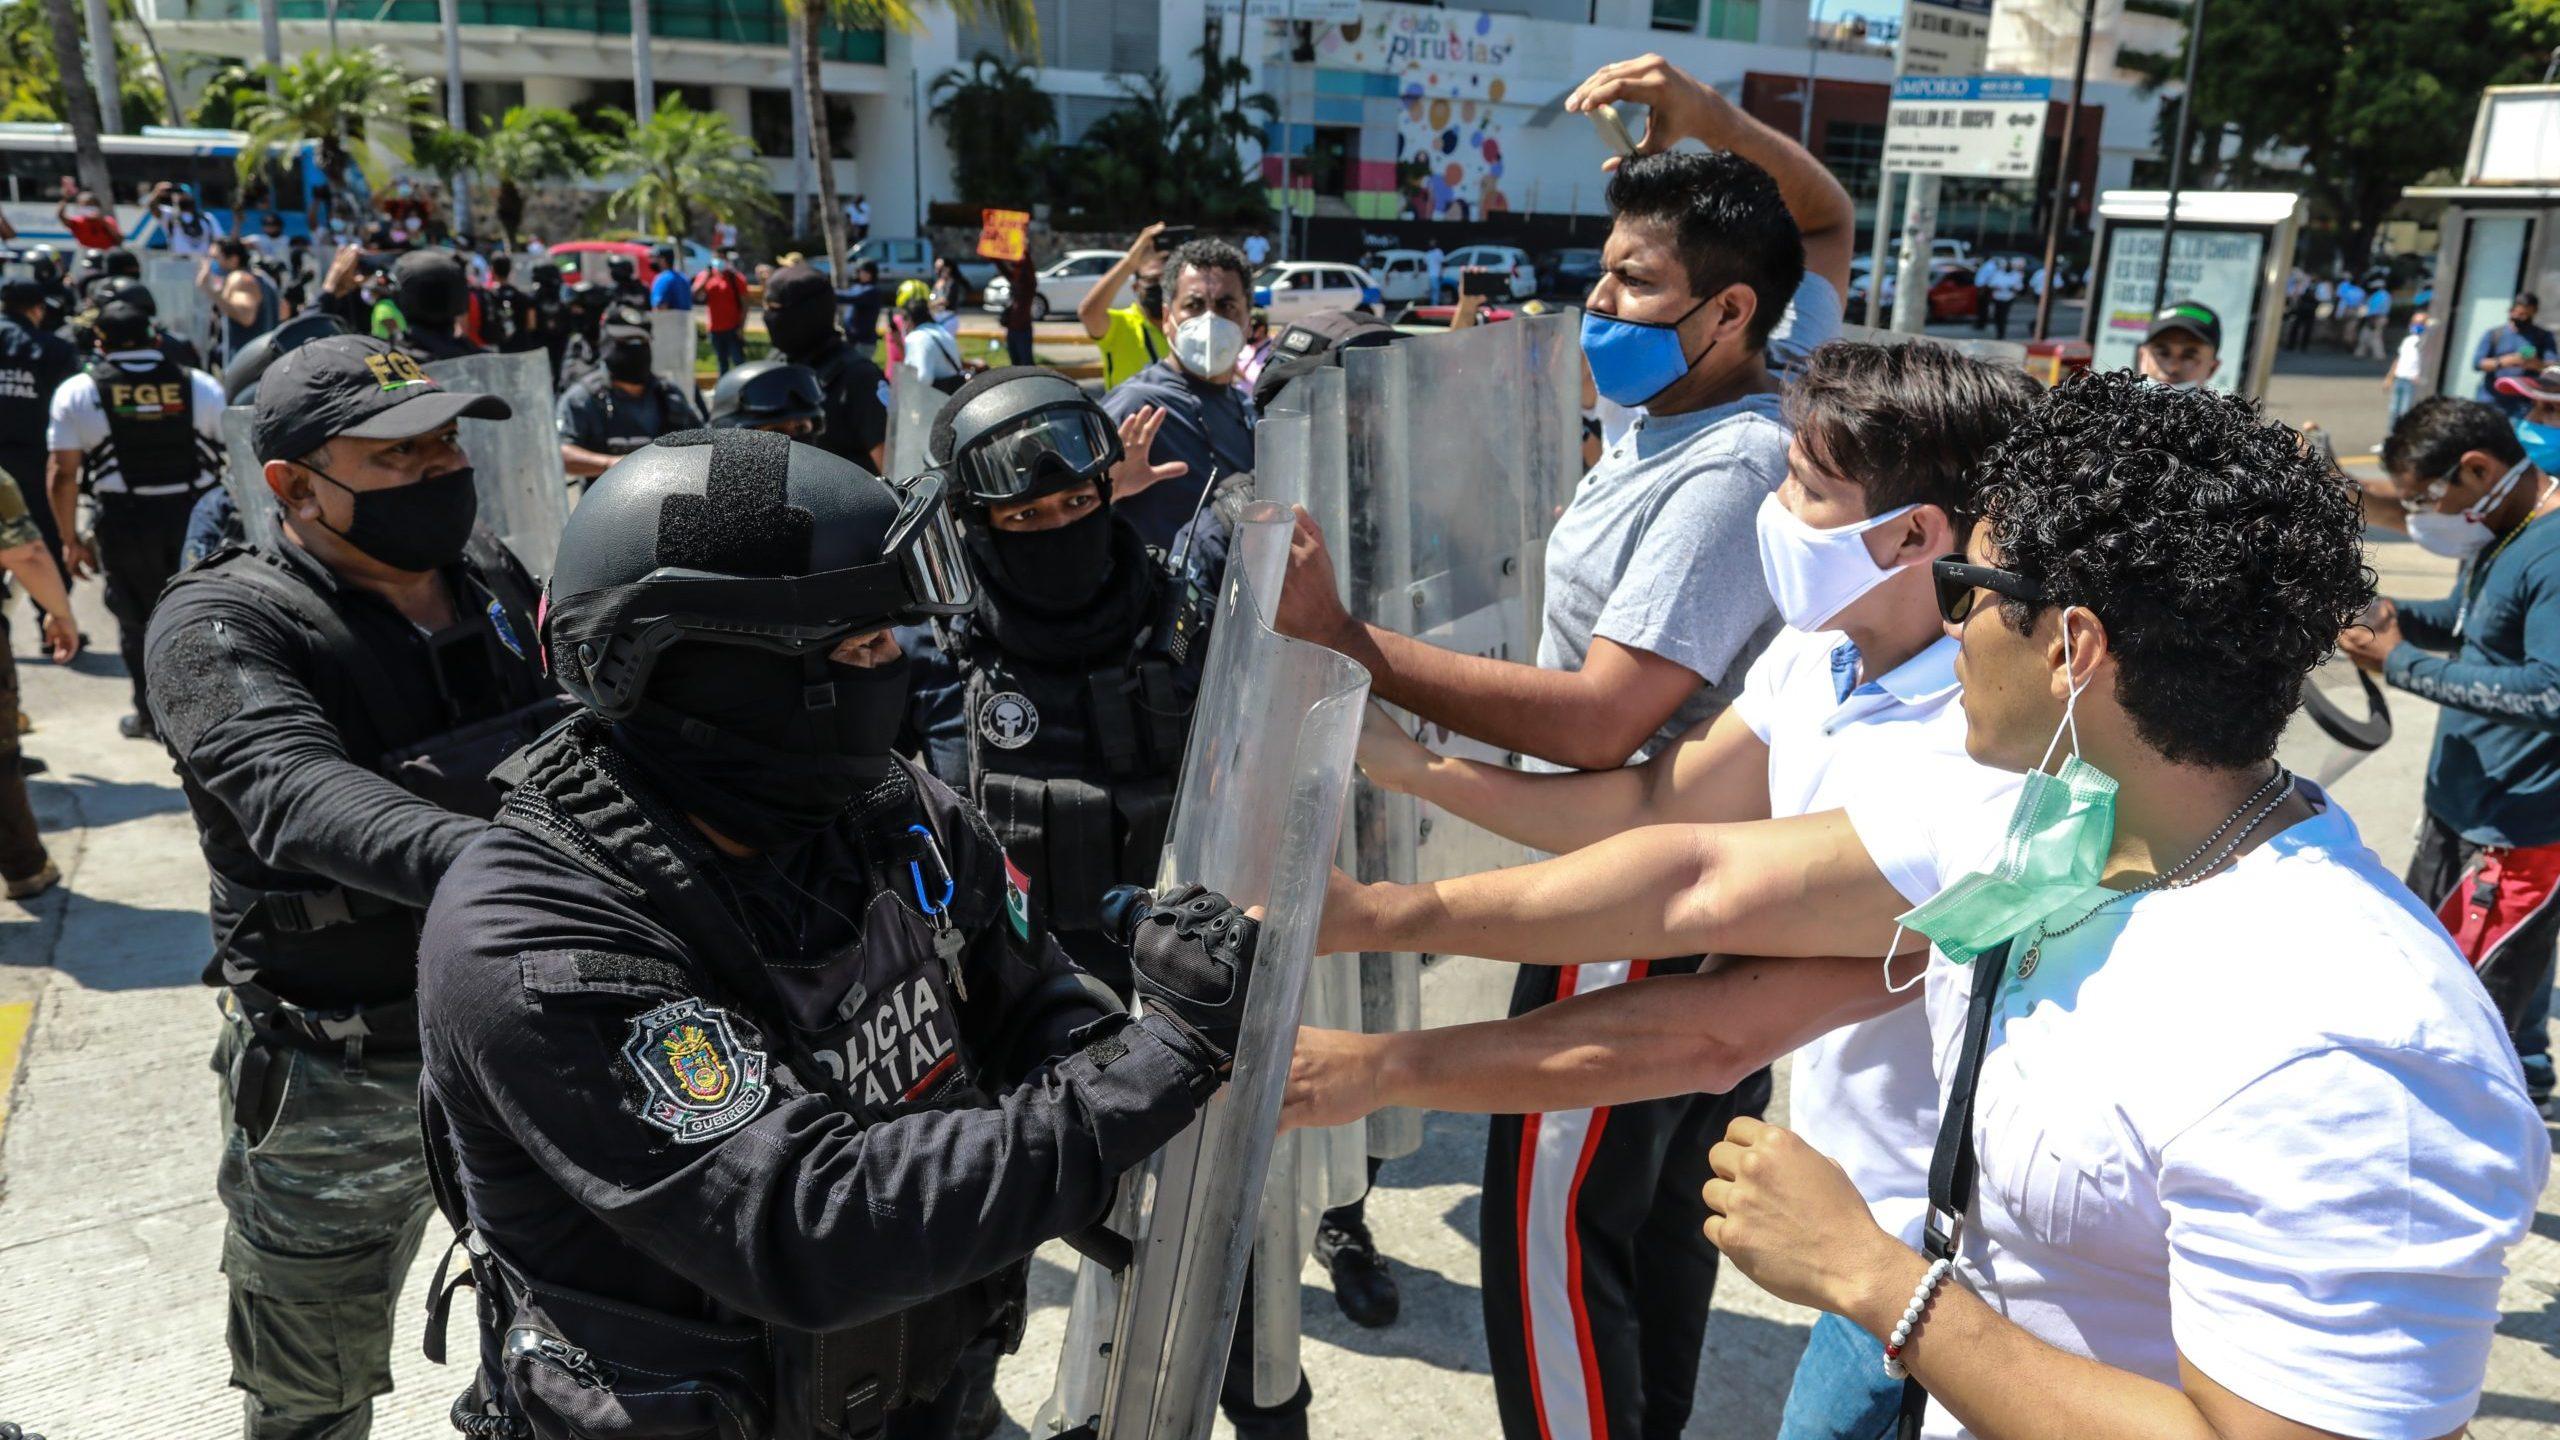 Protestan por cierre de gimnasios en Acapulco y se enfrentan con la policía